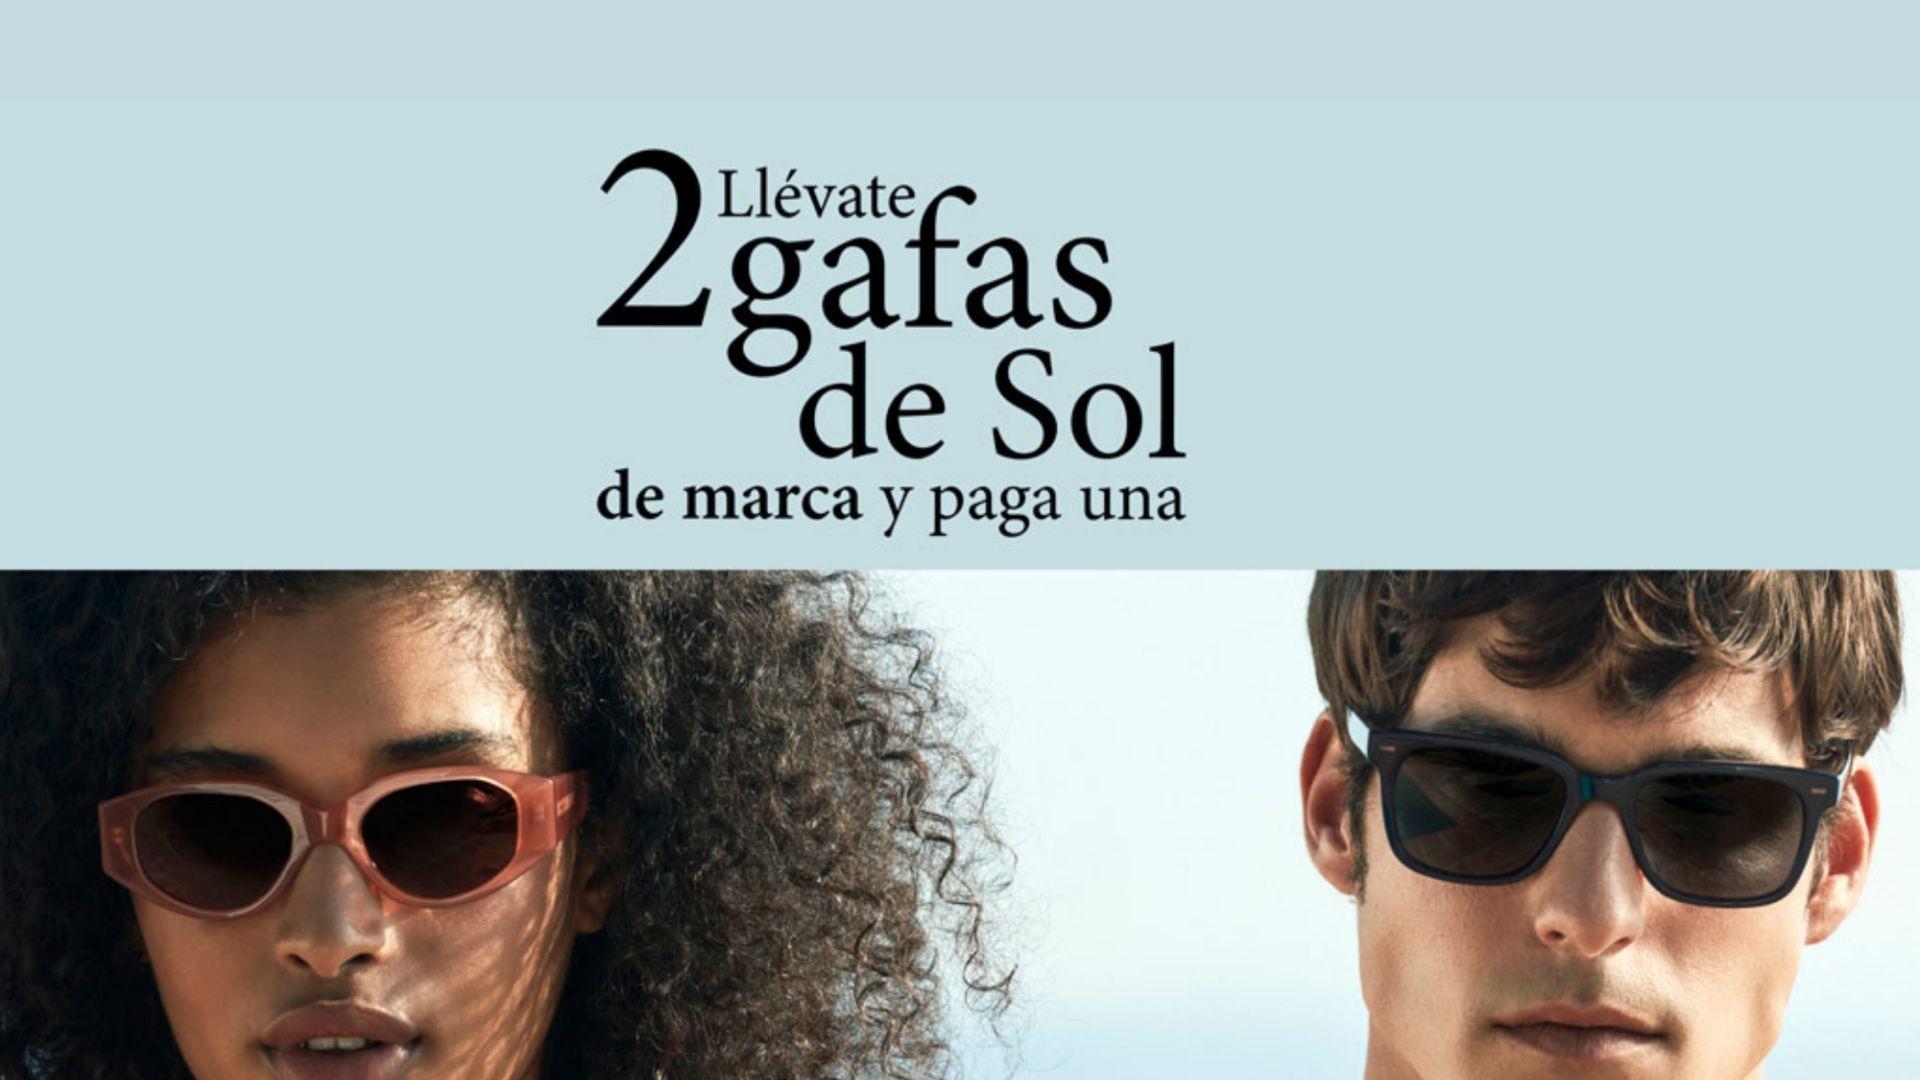 Gafas de Sol Promoción Opticalia Torrelaguna